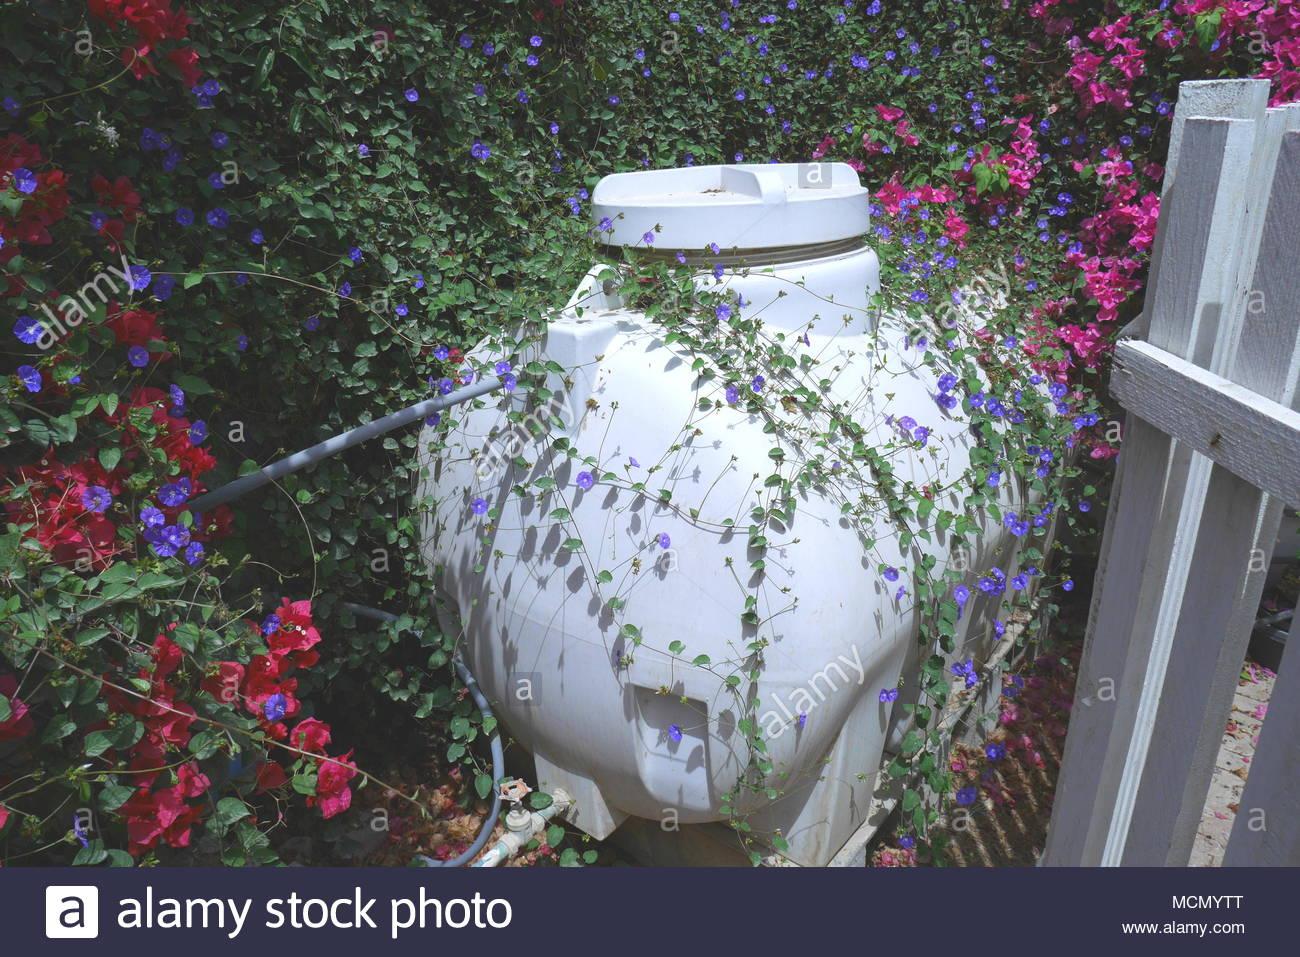 Full Size of Wassertank Garten 2000l Eckig 1000l Flach Unterirdisch Toom Gebraucht 10000l Oberirdisch Obi Fr Den Huslichen Gebrauch Mit Blumen Bewachsen Bewässerung Garten Wassertank Garten